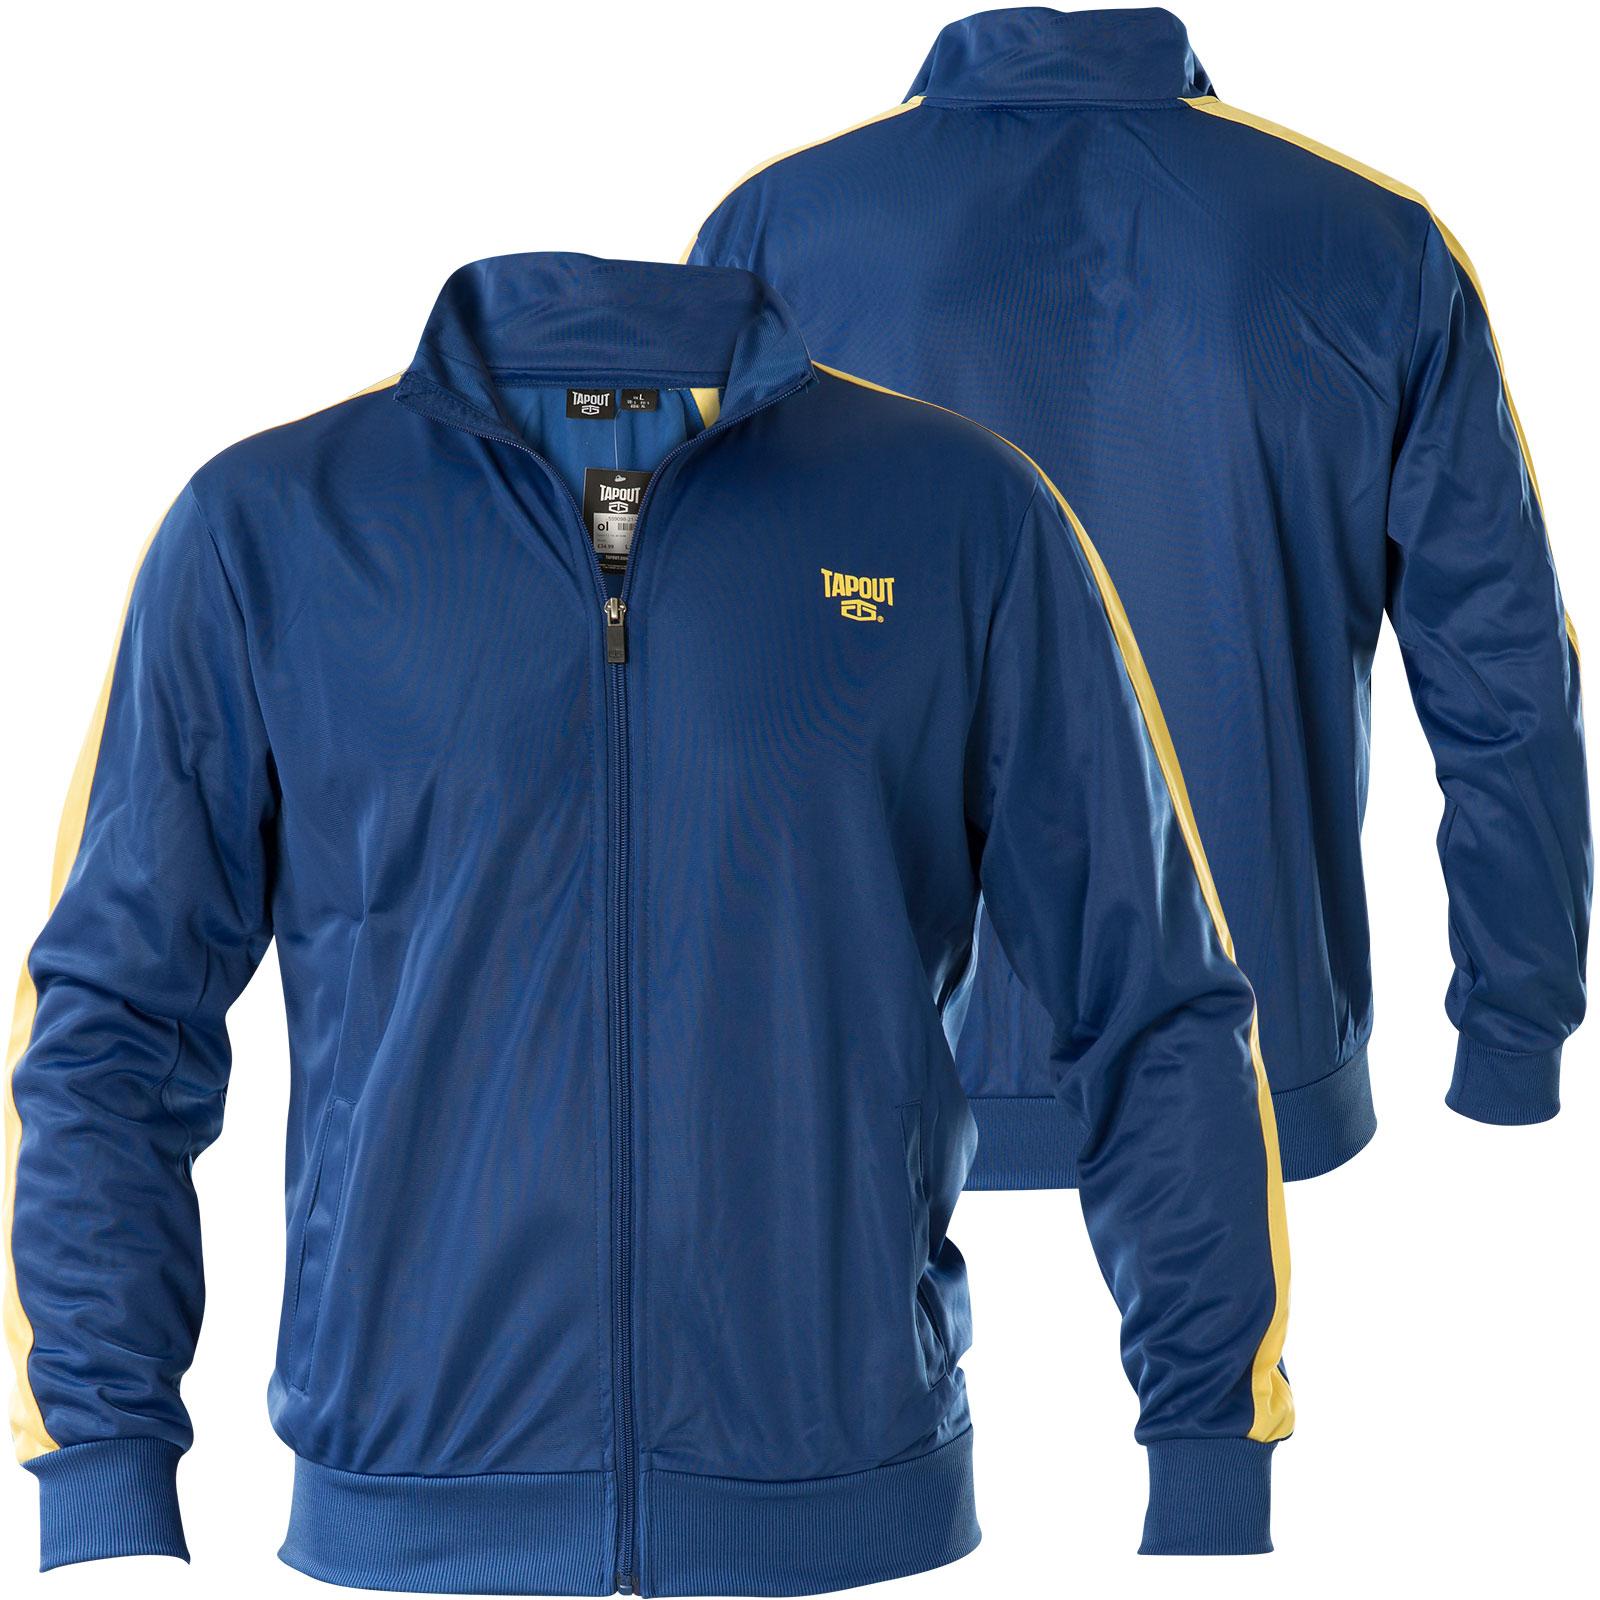 Track Royal Tapout Blau Fz Jacket ULGjzVqSMp